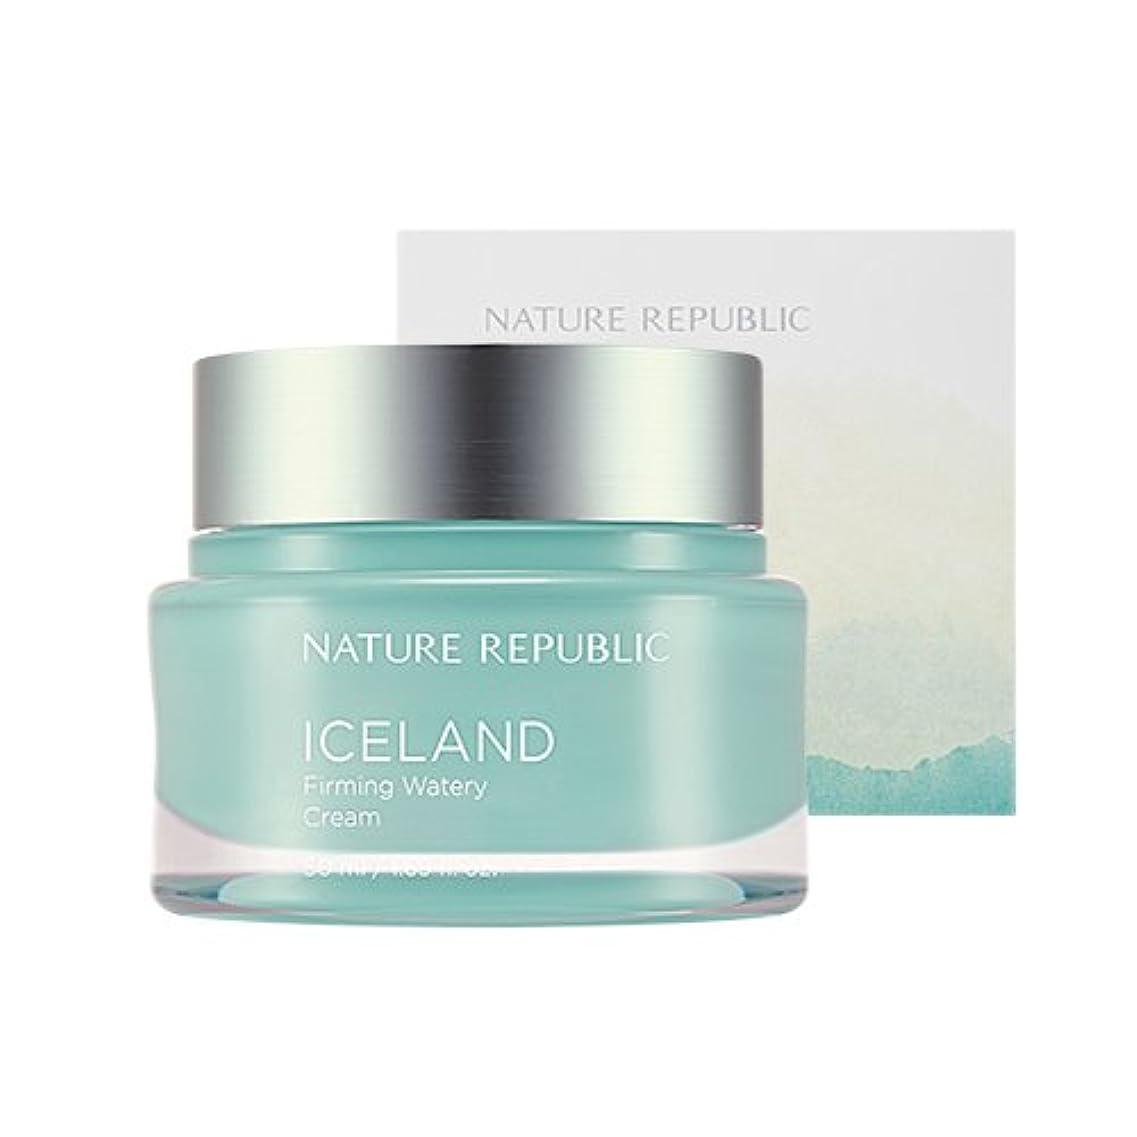 スクラップブック最終的に車Nature Republic Iceland Firming Watery Cream 50ml / ネイチャーリパブリック アイスファーミング水分クリーム 50ml [並行輸入品]